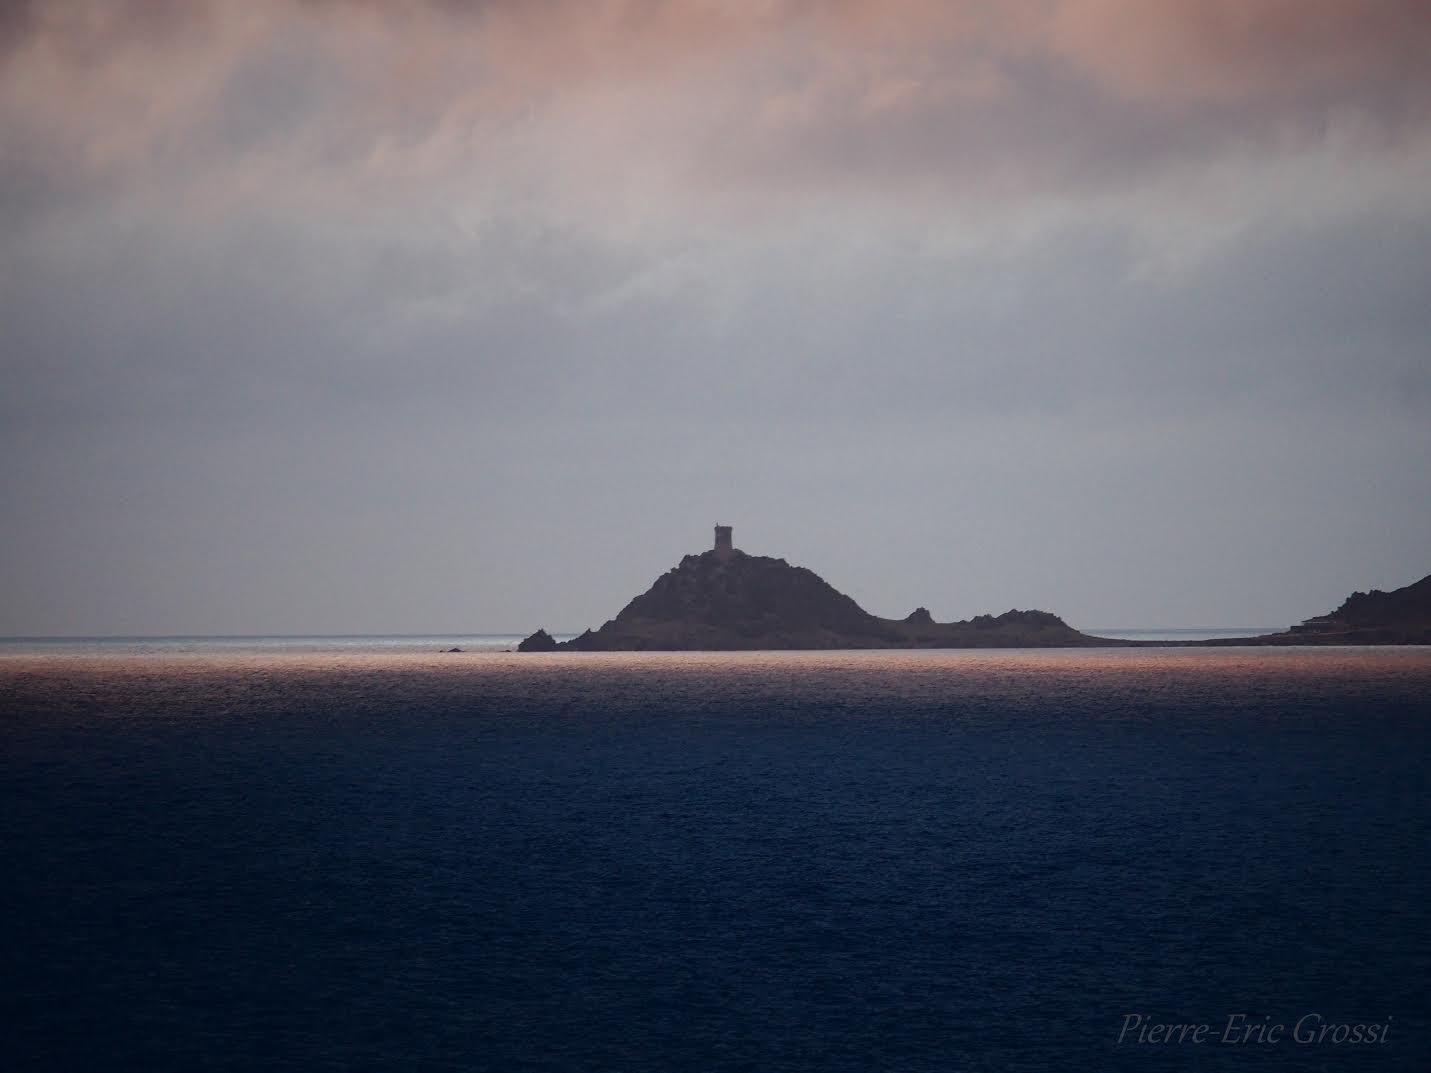 Crépuscule un soir d'orage au large des Sanguinaires (Pierre-Eric Grossi)